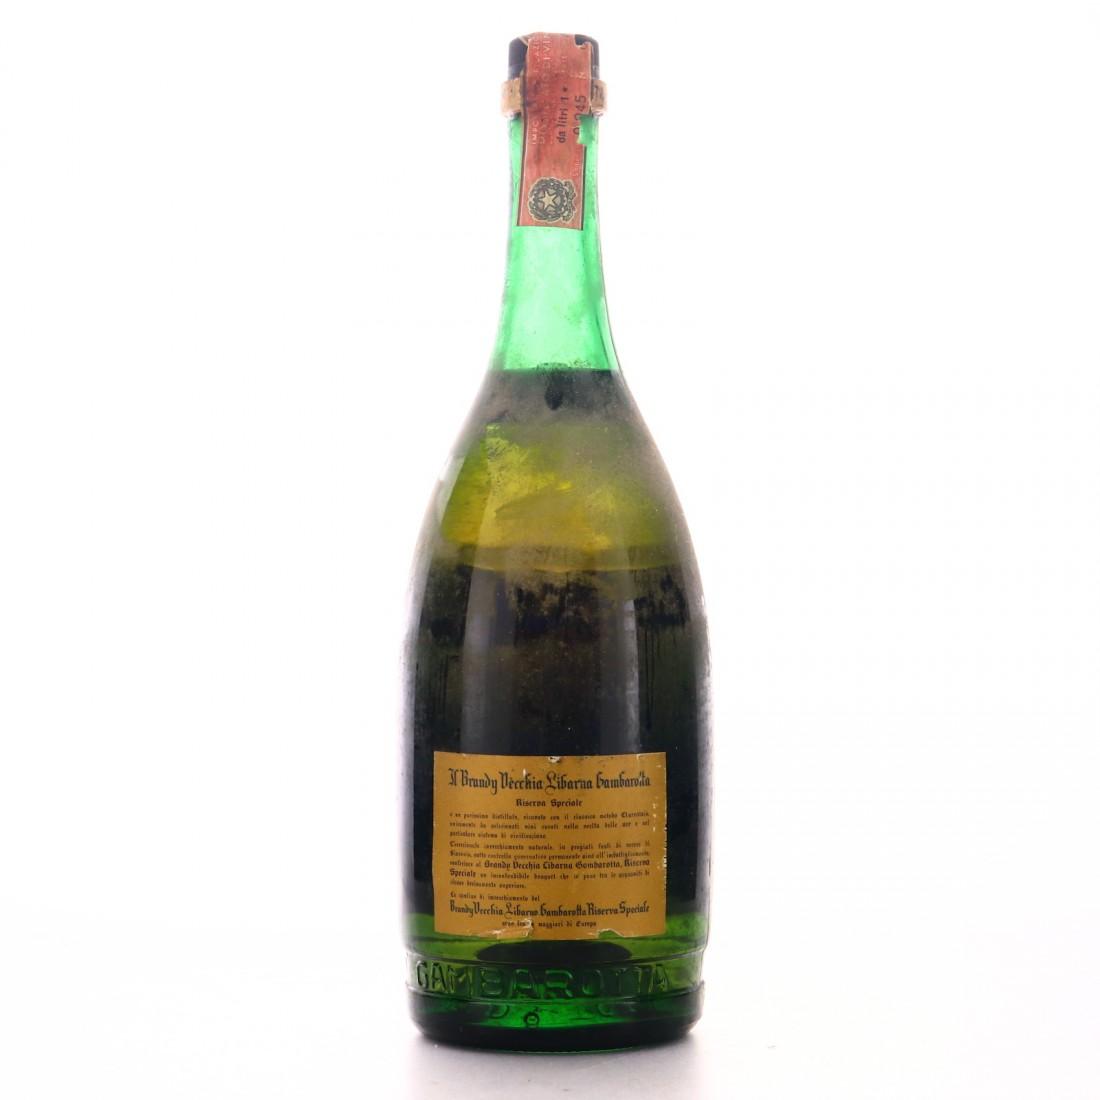 Gambartotta Brandy Vecchia 1 Litre 1970s